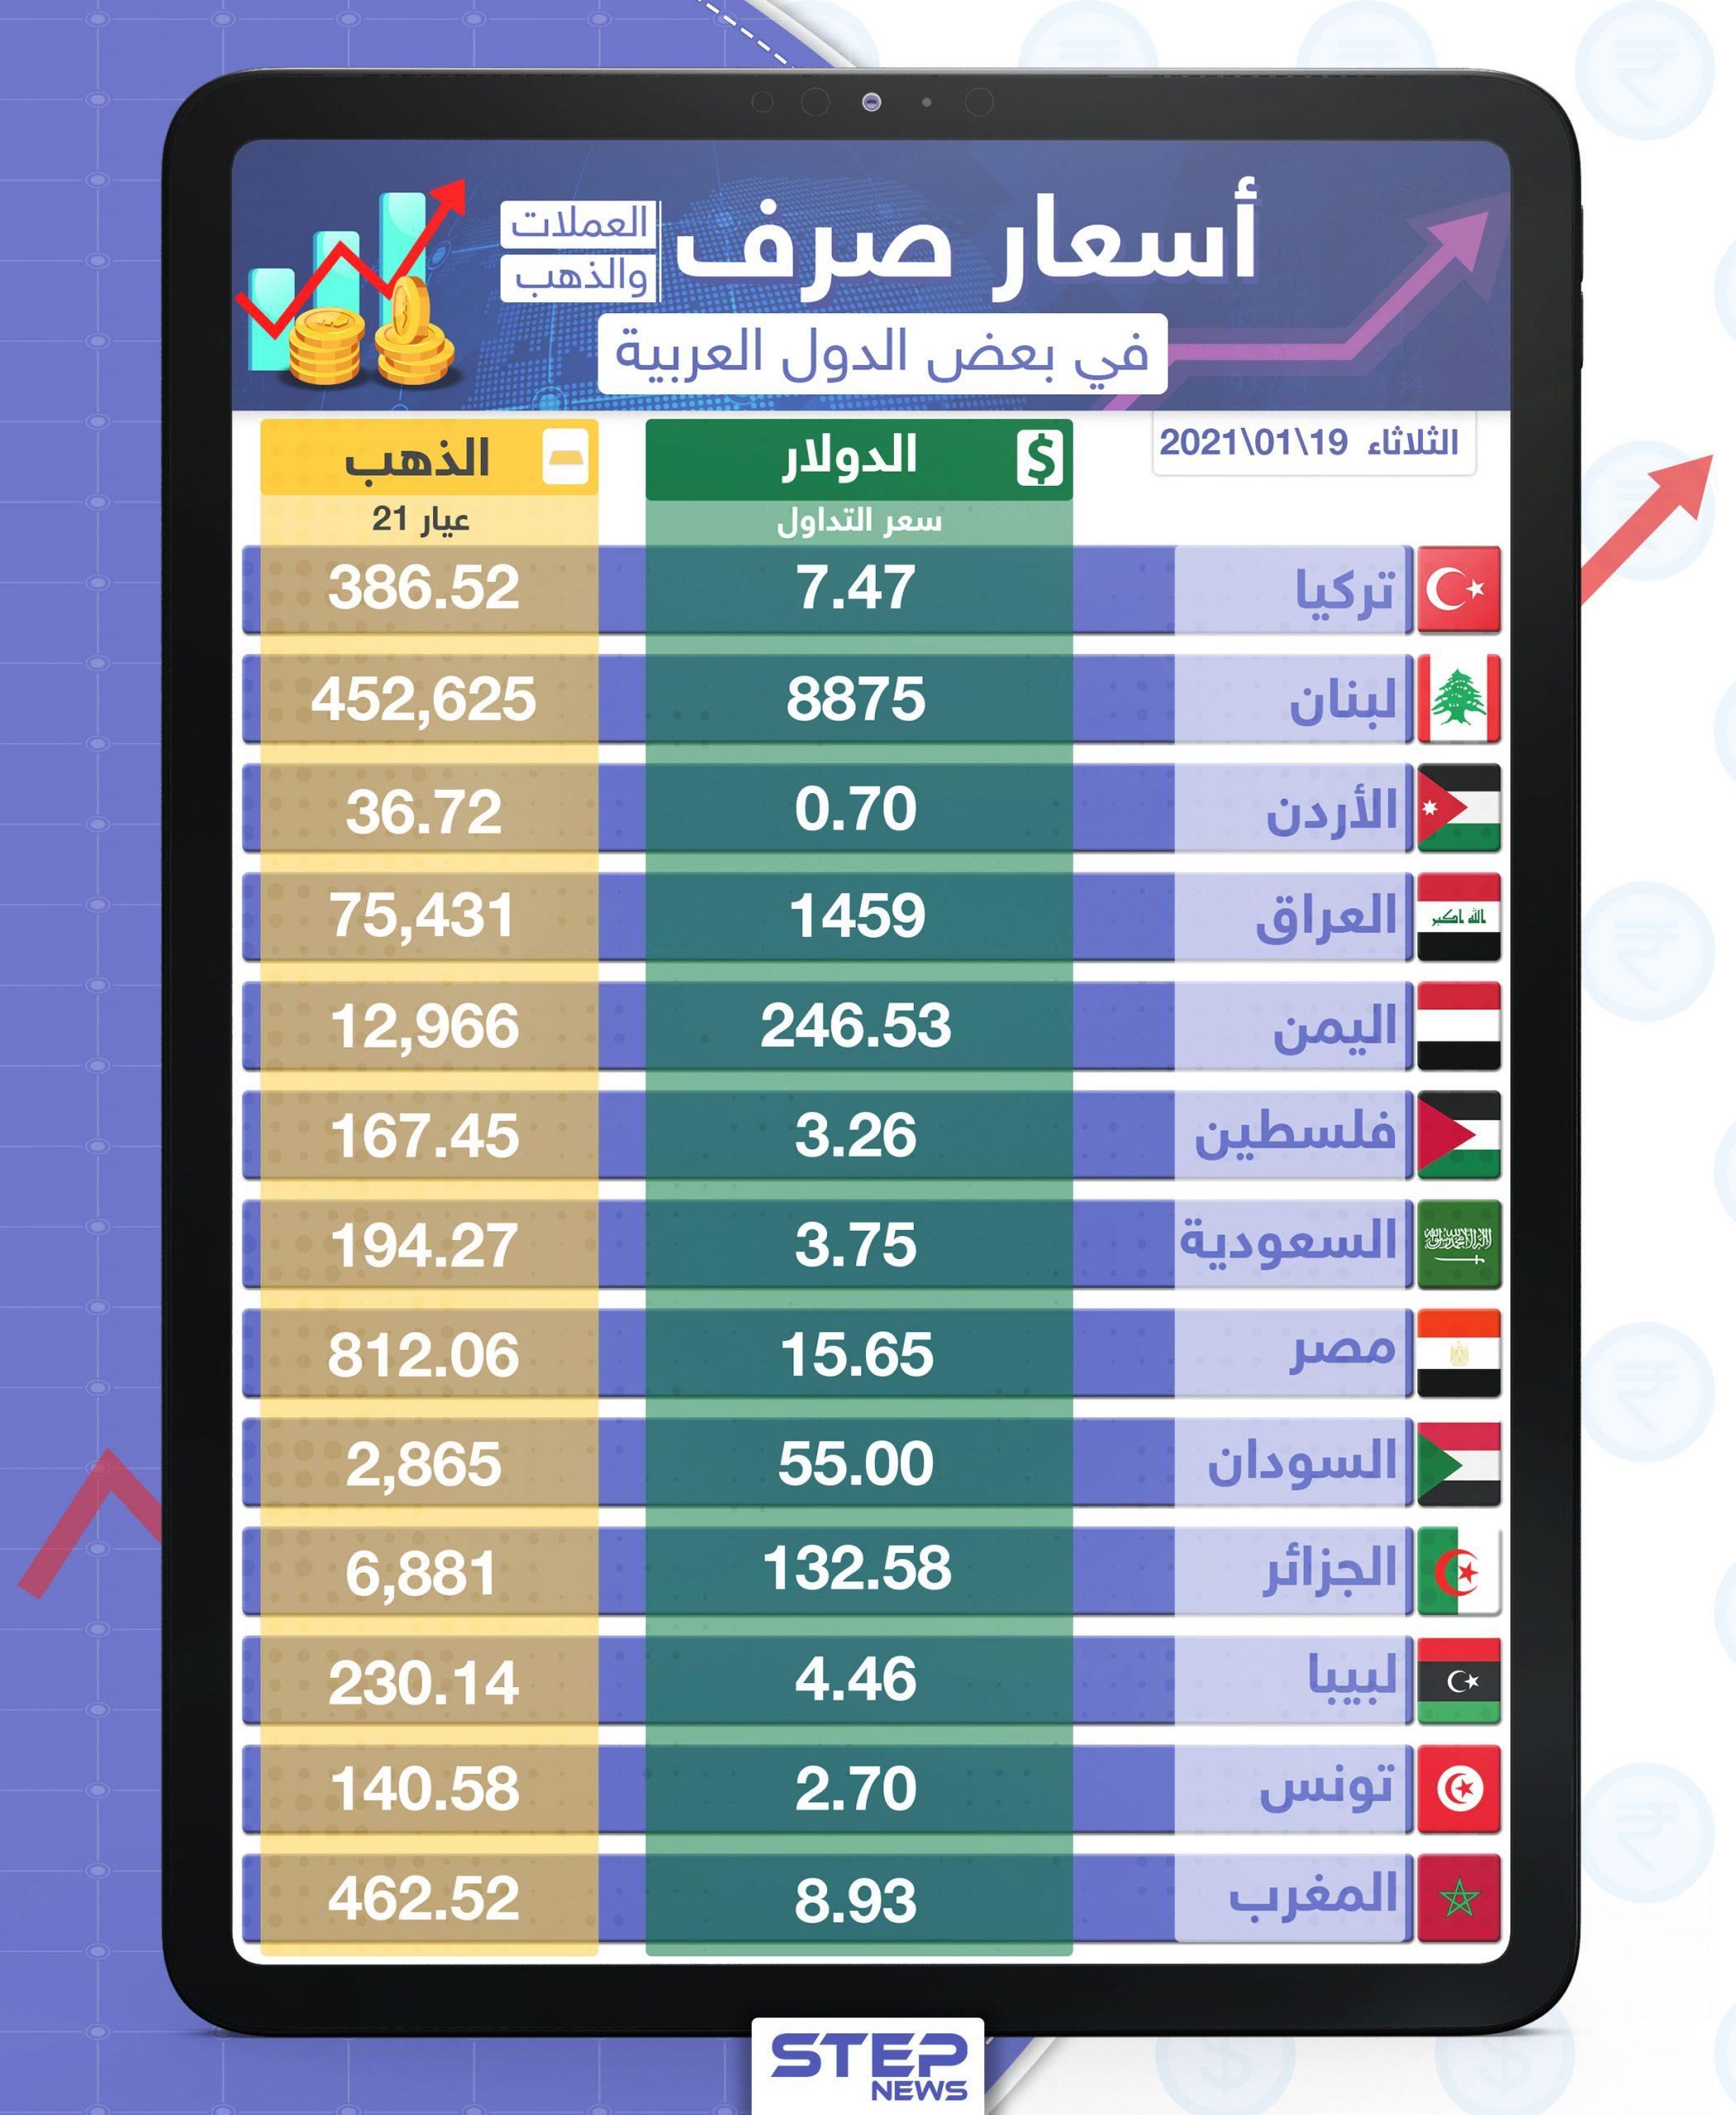 أسعار الذهب والعملات للدول العربية وتركيا اليوم الثلاثاء الموافق 19 كانون الثاني 2021